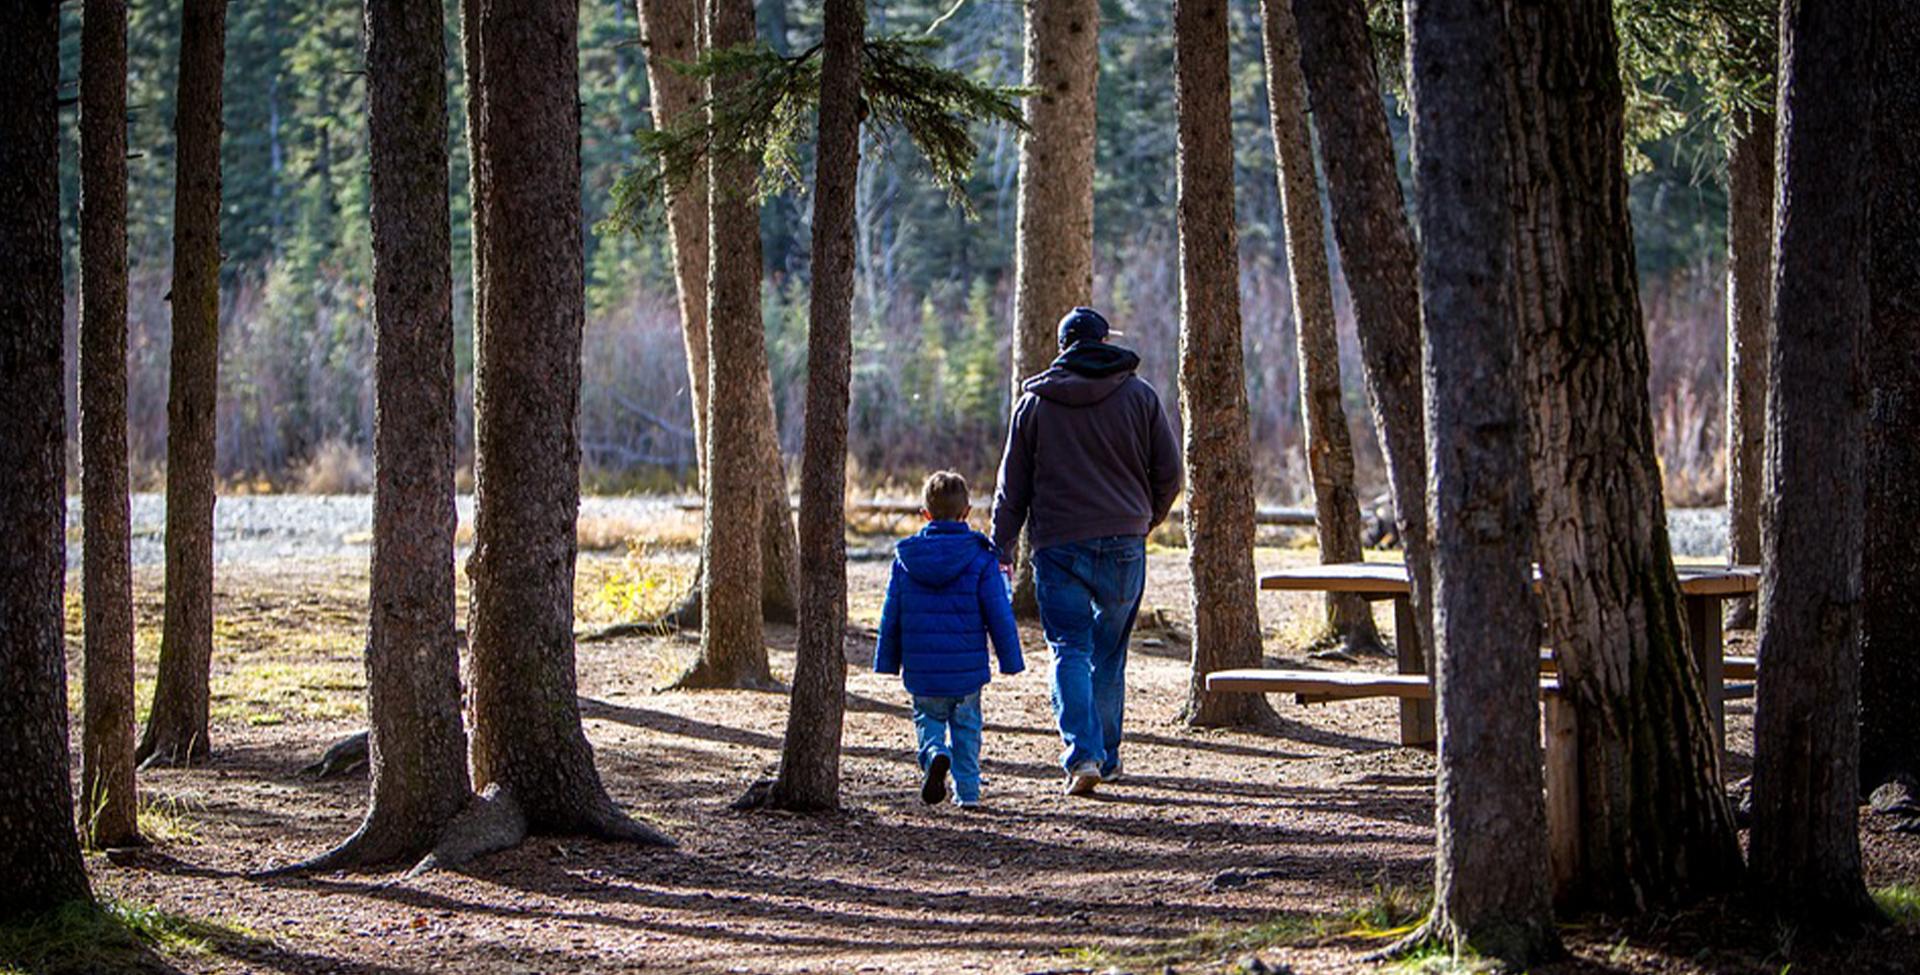 Illustration, far og søn i skov